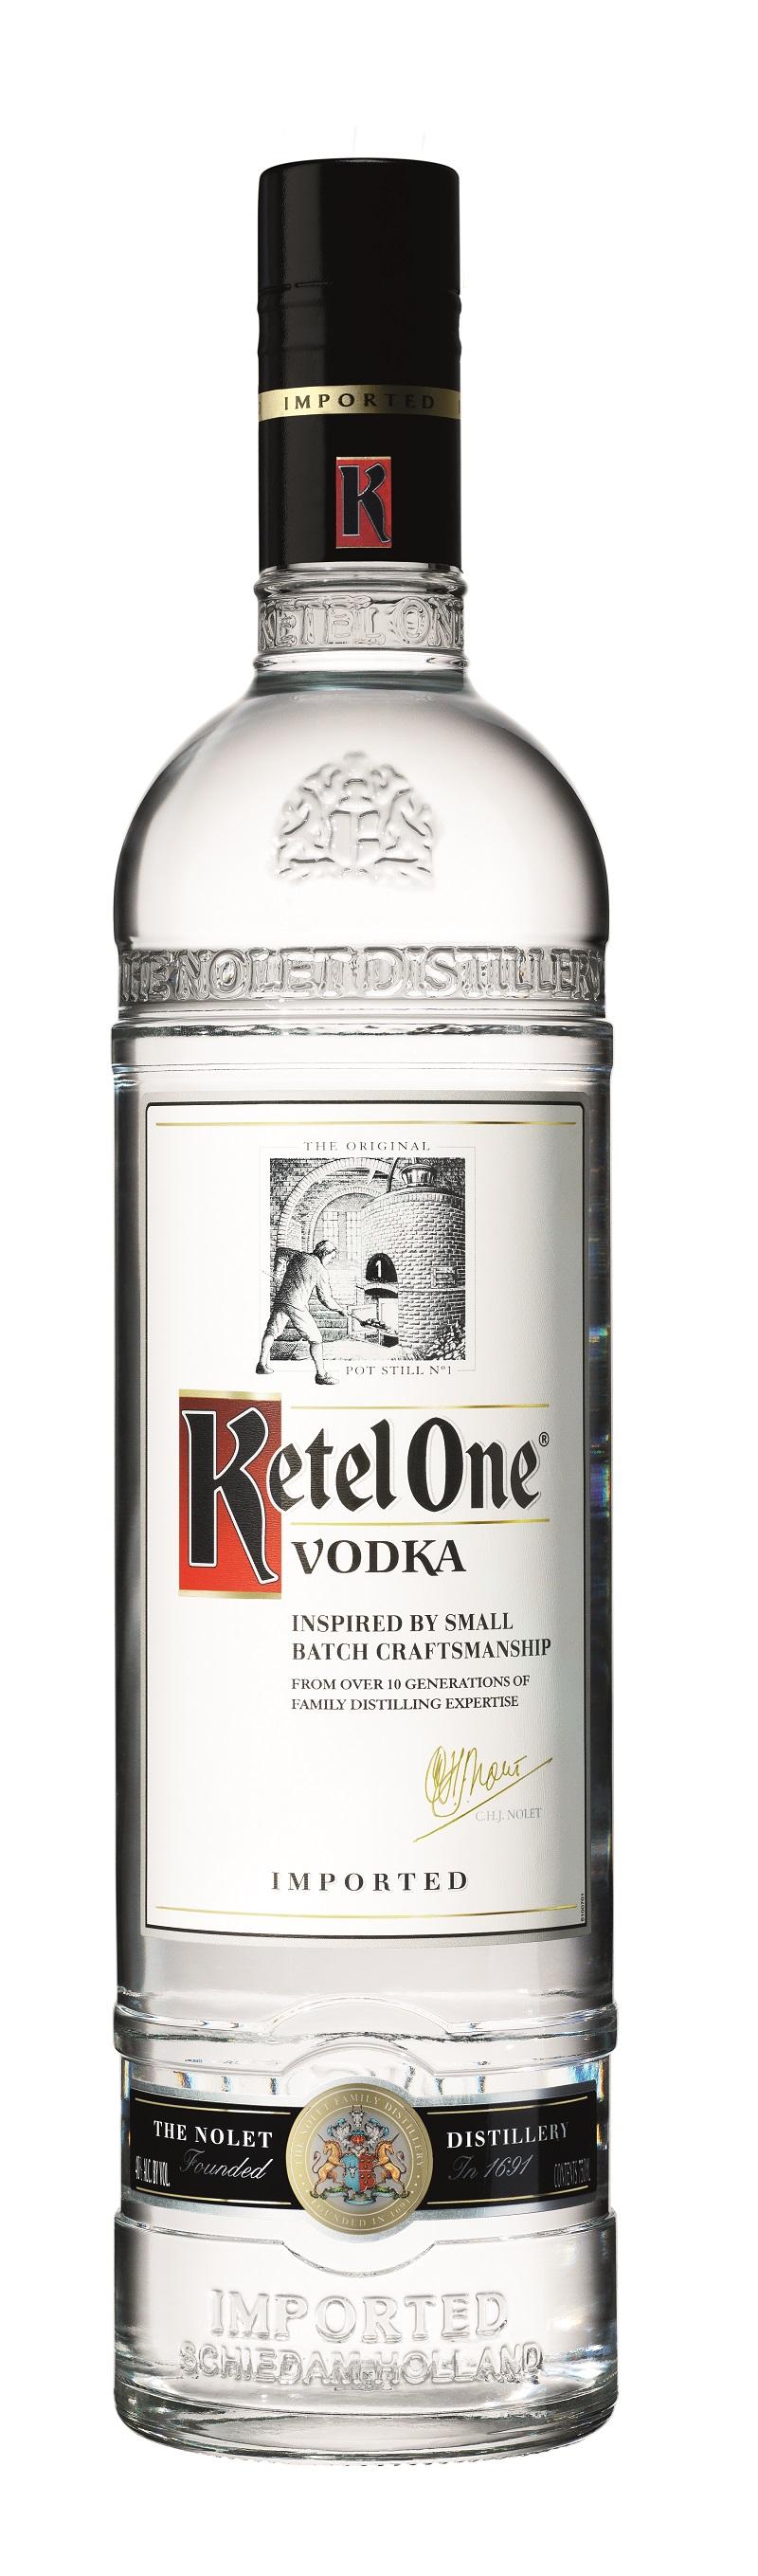 Ketel One Vodka (2014)